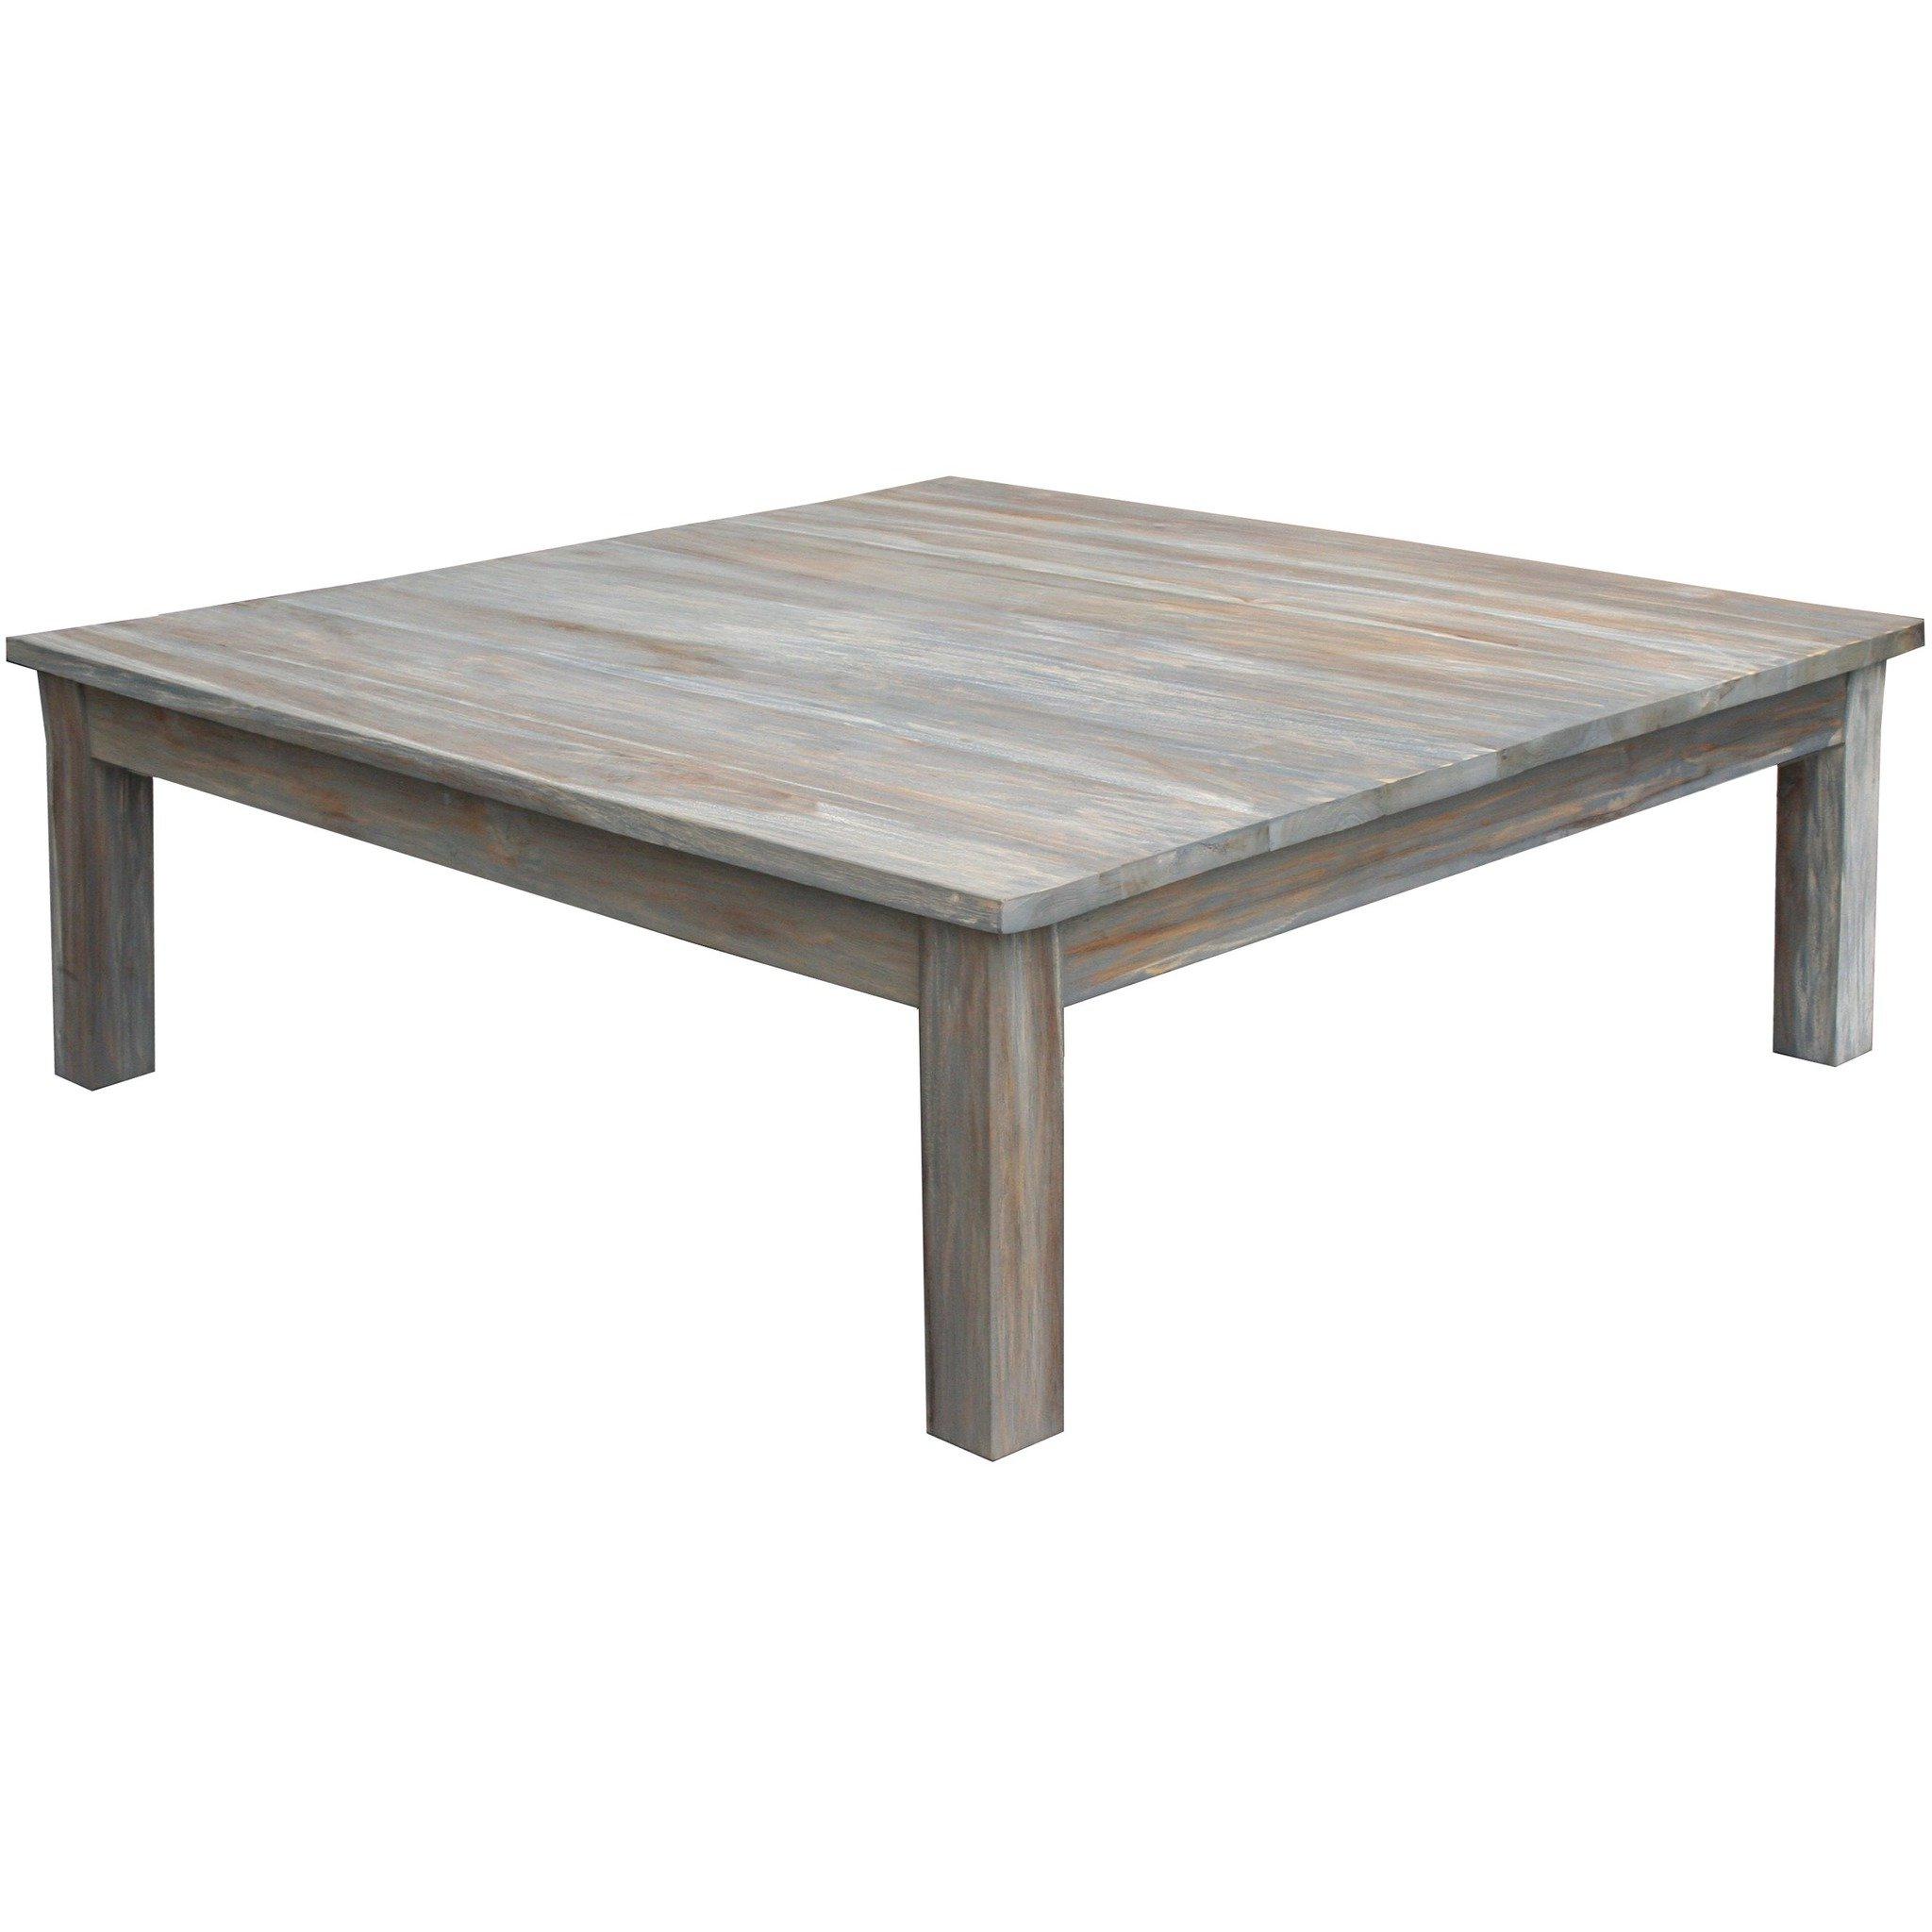 Teak Wood Grey Wash Rustic Coffee Table  (View 16 of 20)